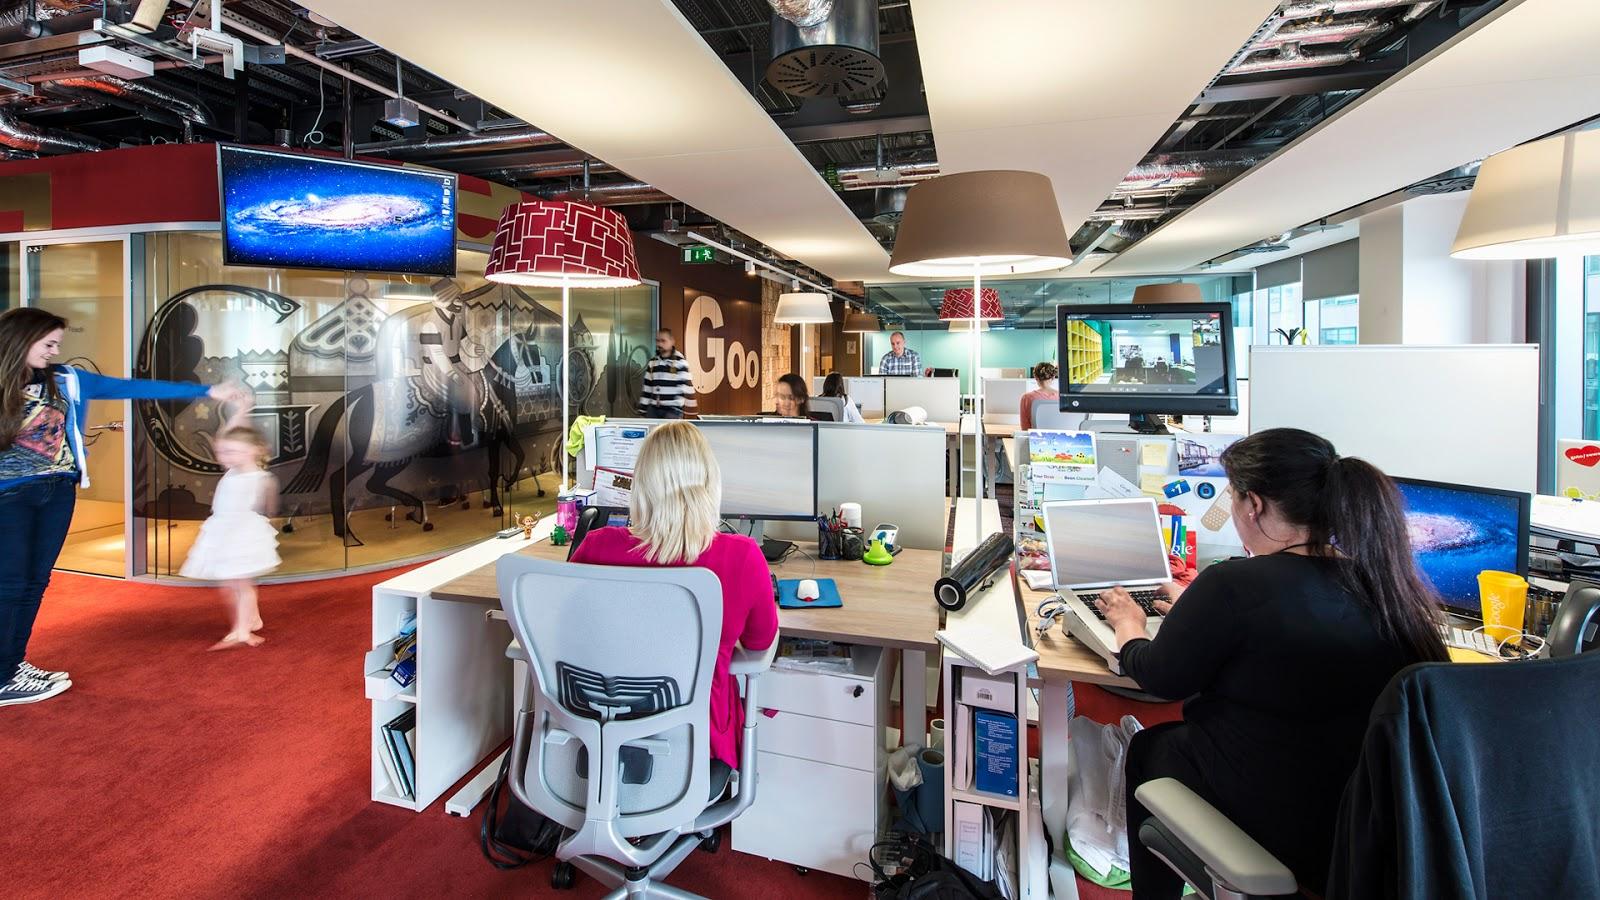 Inside Google Office 2013 Full HD 1080p | HD Wallpapers ...